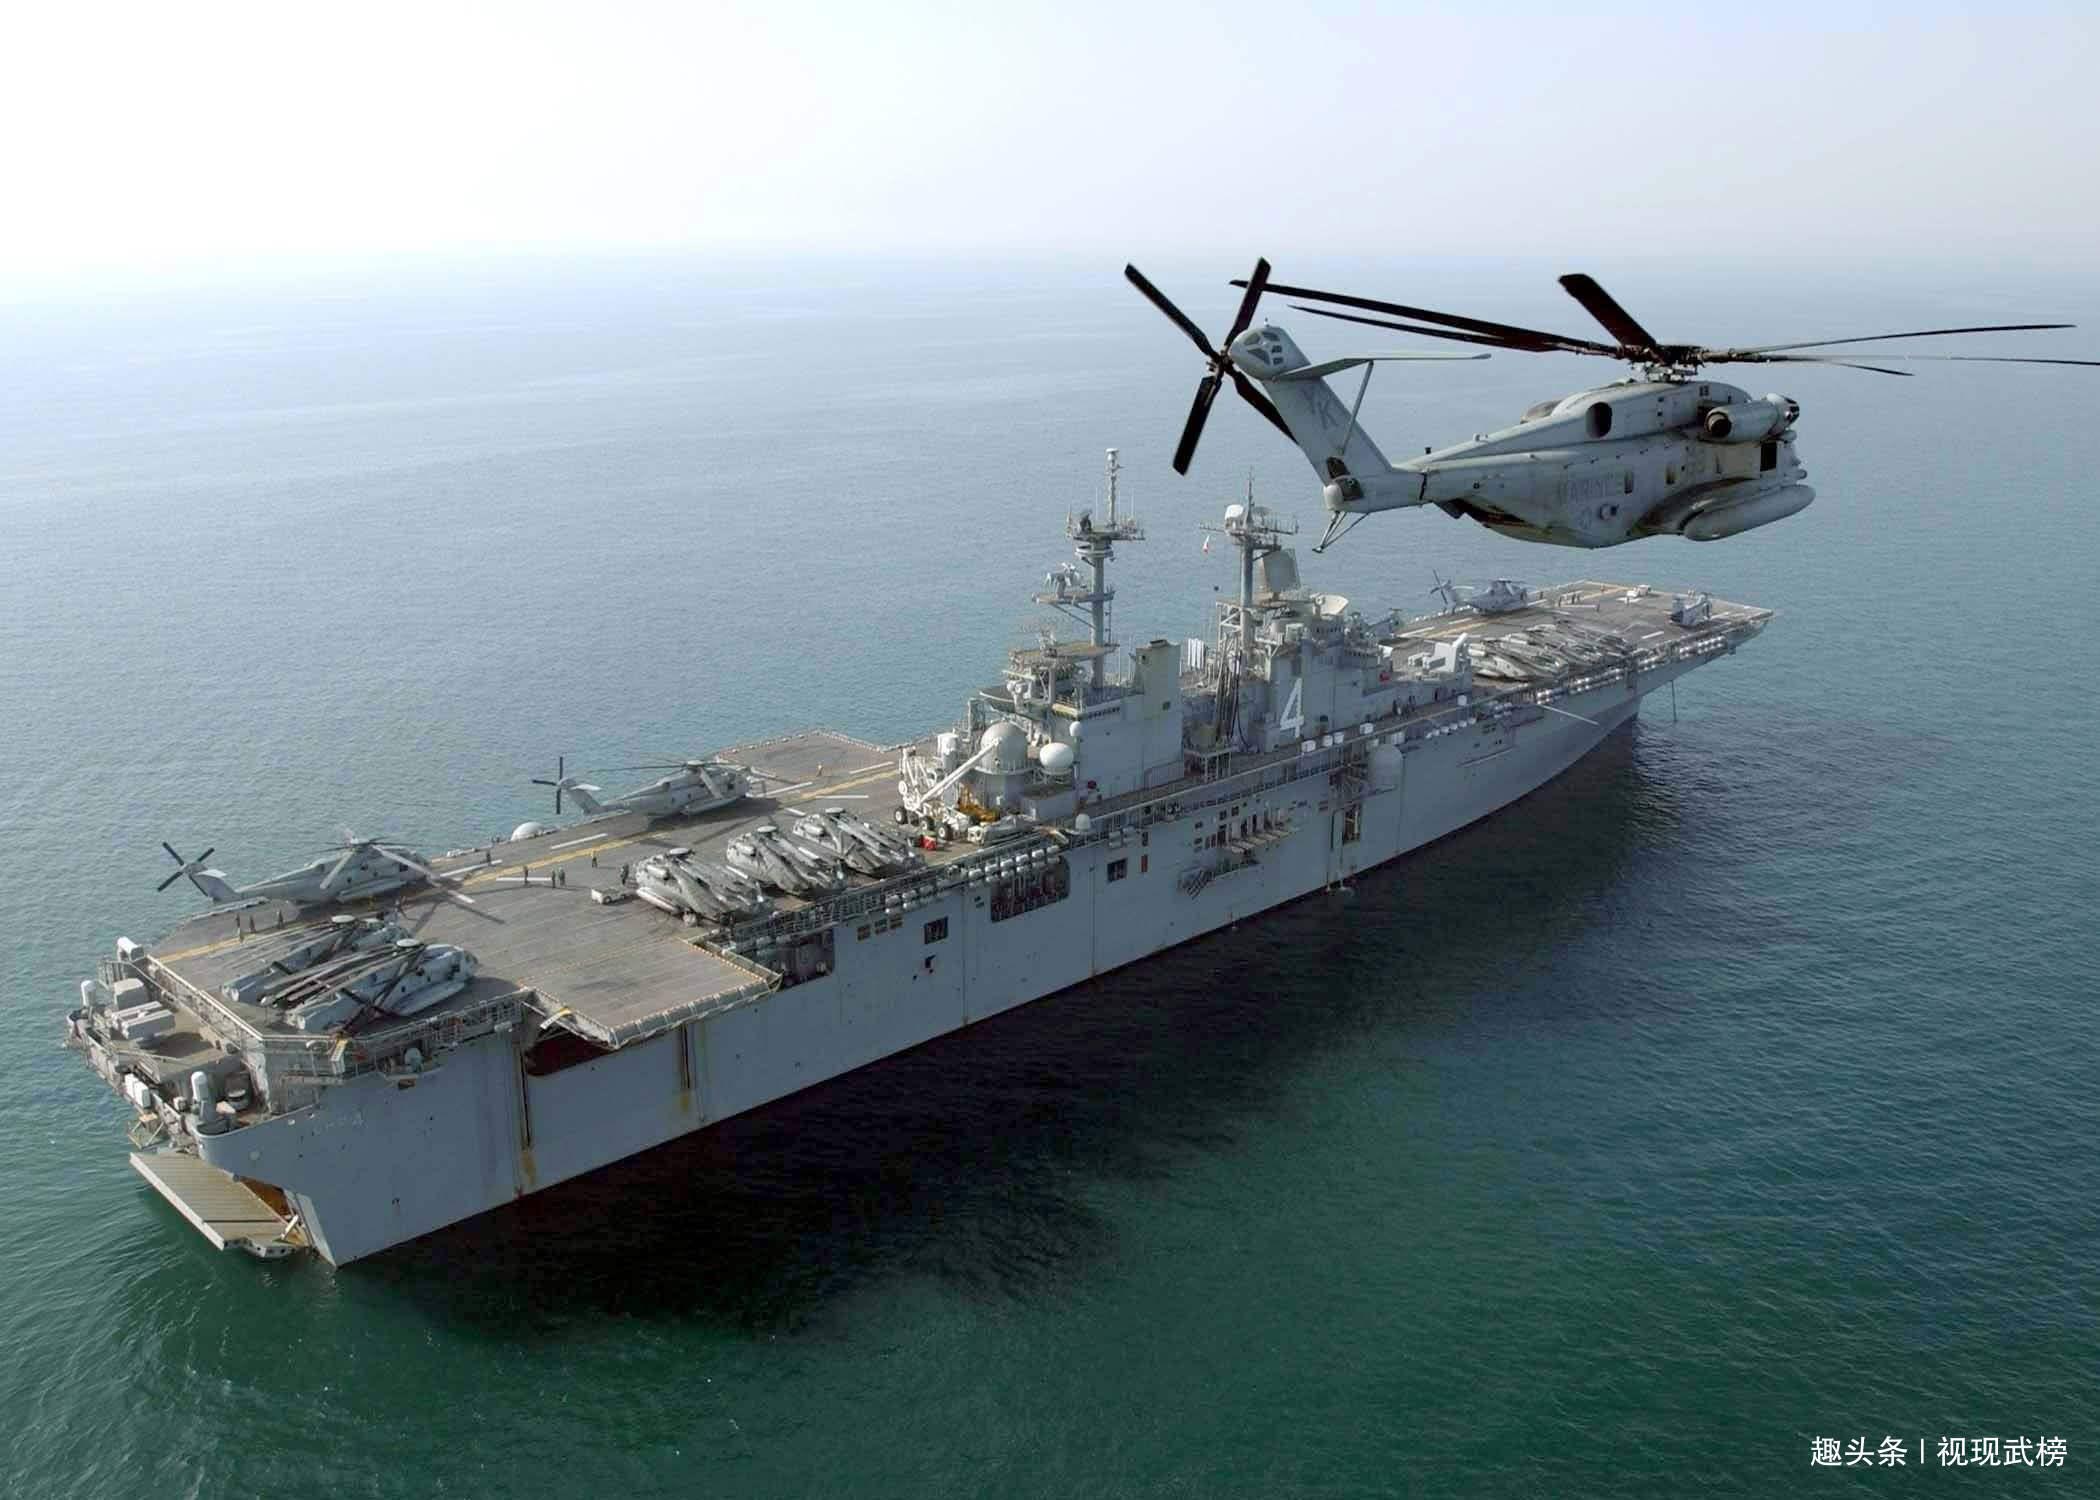 075两栖攻击舰神秘现身,1号舰完工大半,首批三艘,满载3万吨